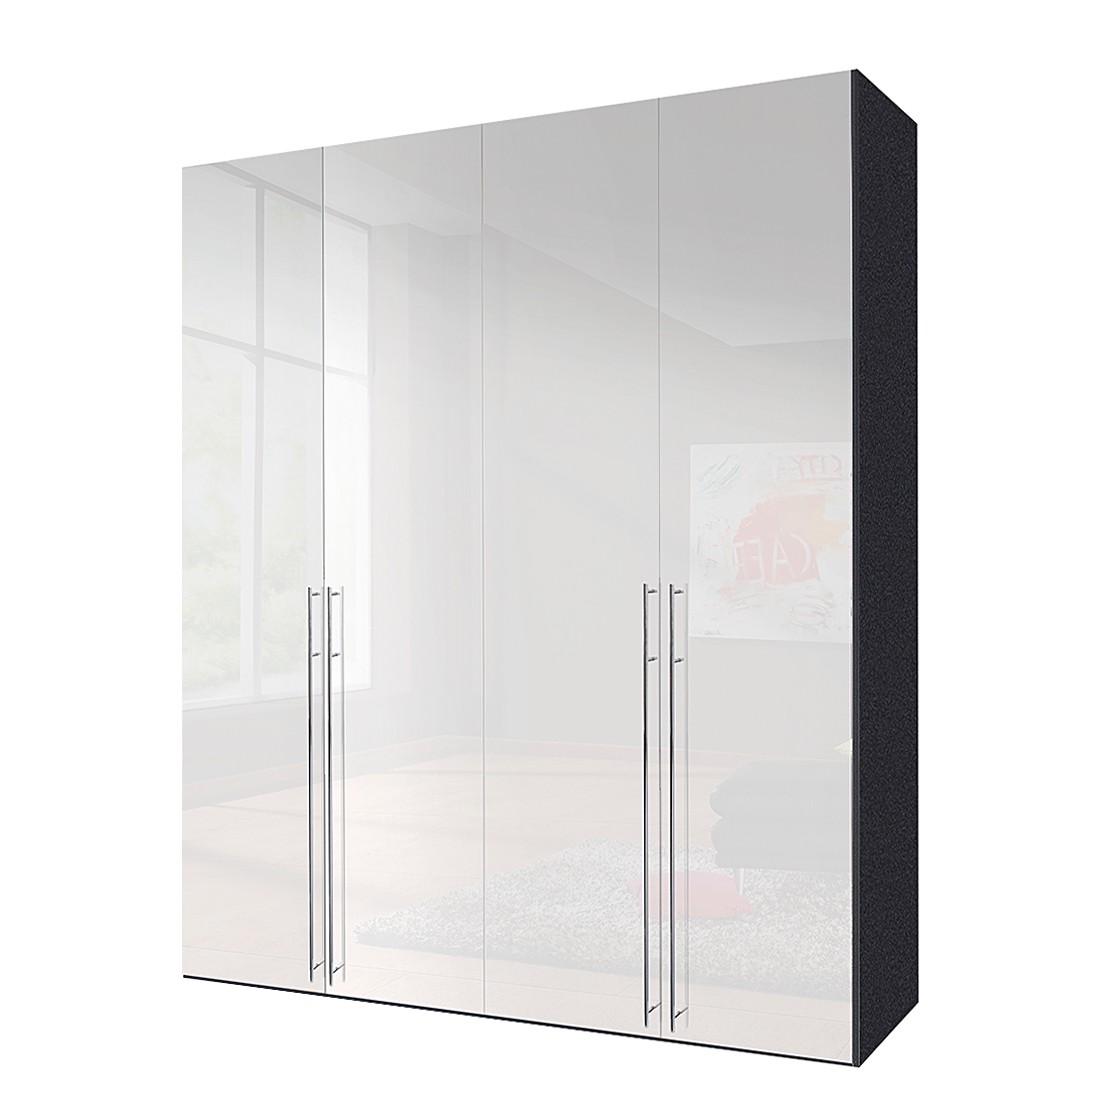 Drehtürenschrank Melva – Graphit/Weißlack – BxH: 300 x 216 cm – 6-türig, Solutions günstig online kaufen